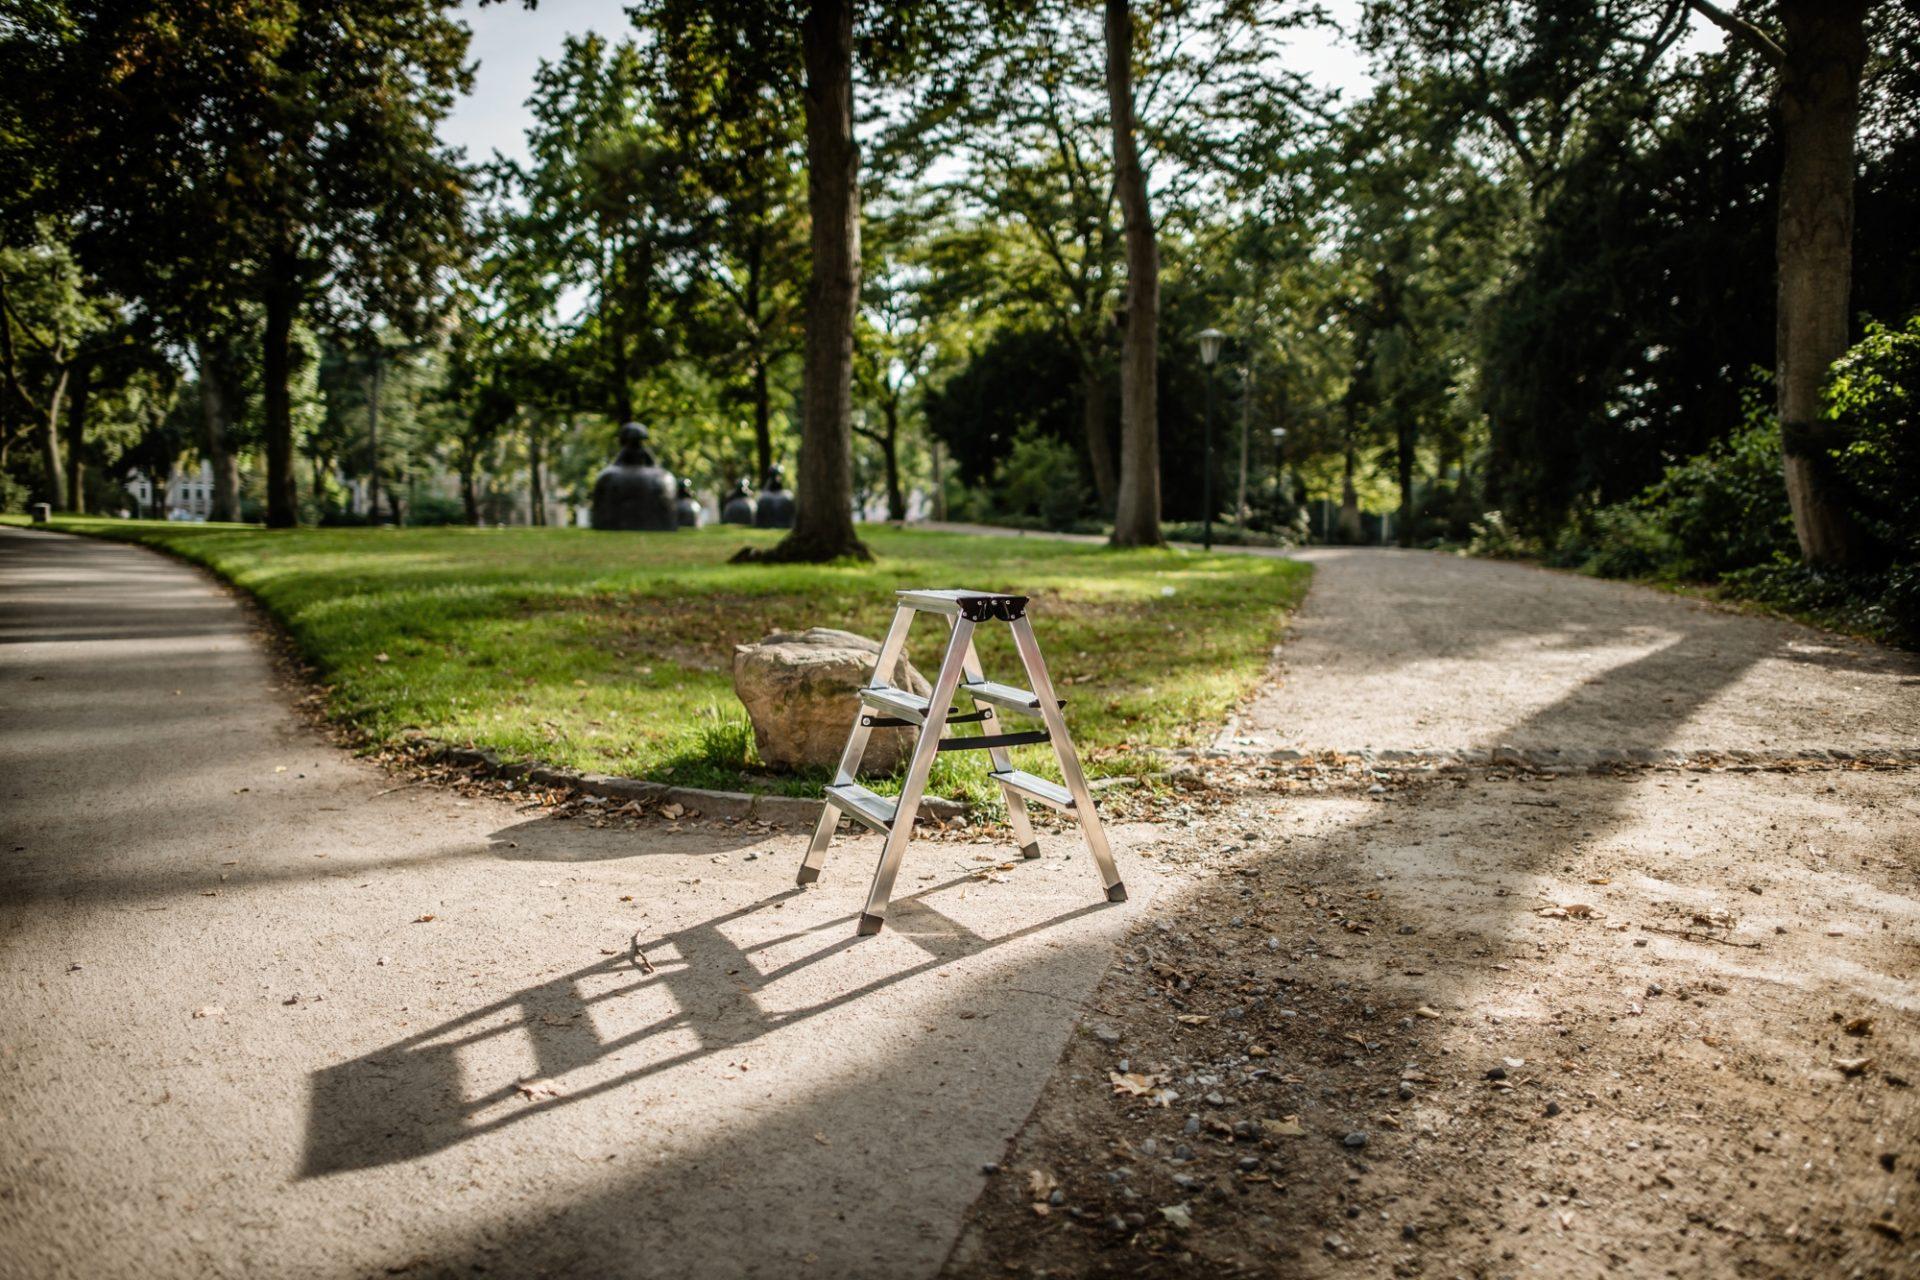 """So könnte eine """"Speakers' Corner"""" im Hofgarten aussehen: eine Trittleiter oder eine Kiste, darauf ein Mensch, der über ein Thema spricht, das ihm gefällt. Foto: Andreas Endermann"""